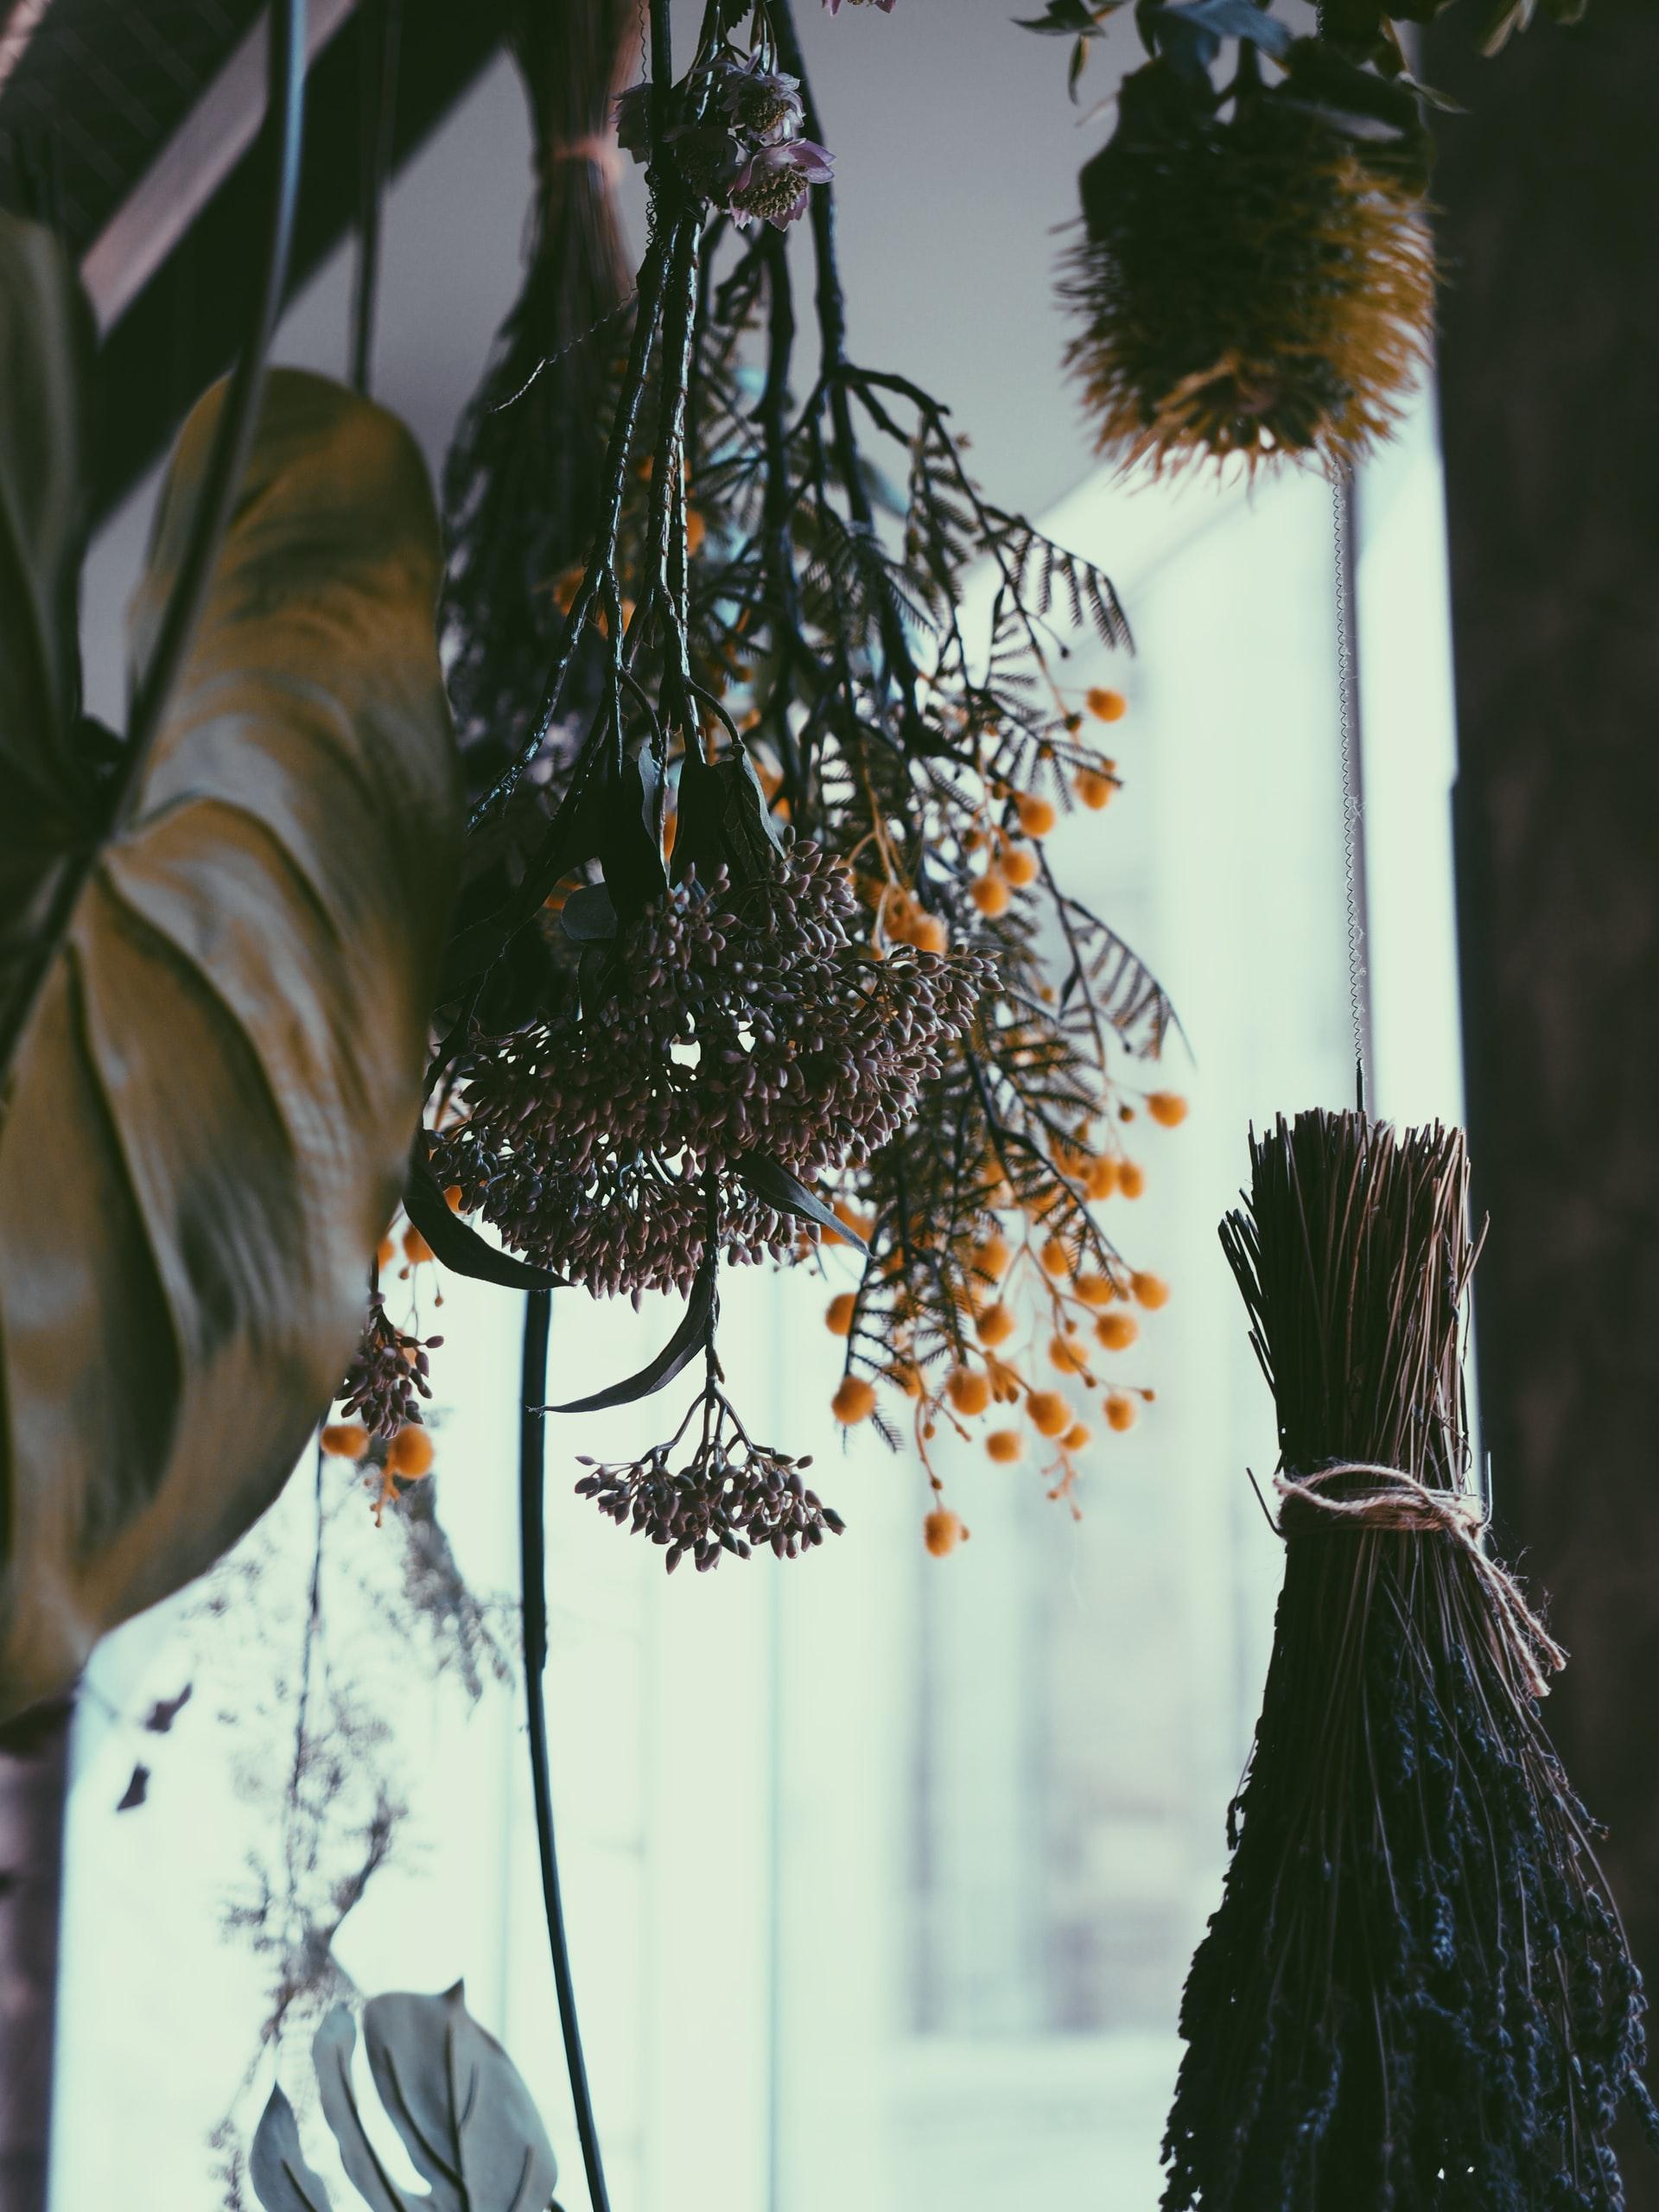 Fleurs séchées – Libre droit ( unsplash)